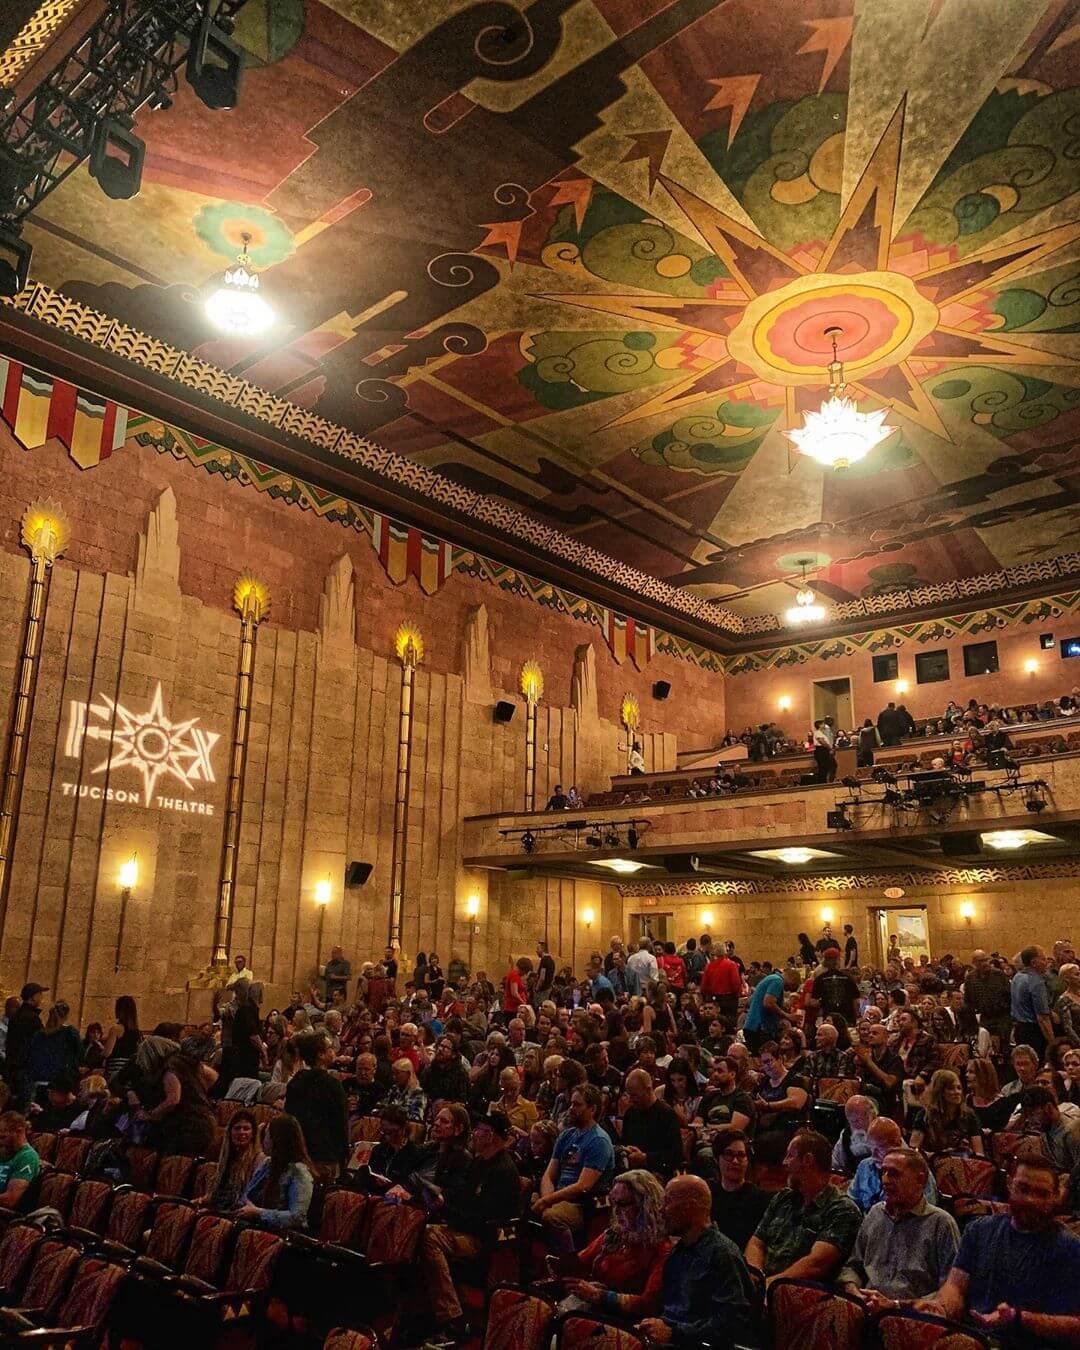 Fox Tucson Theatre haunted places in arizona